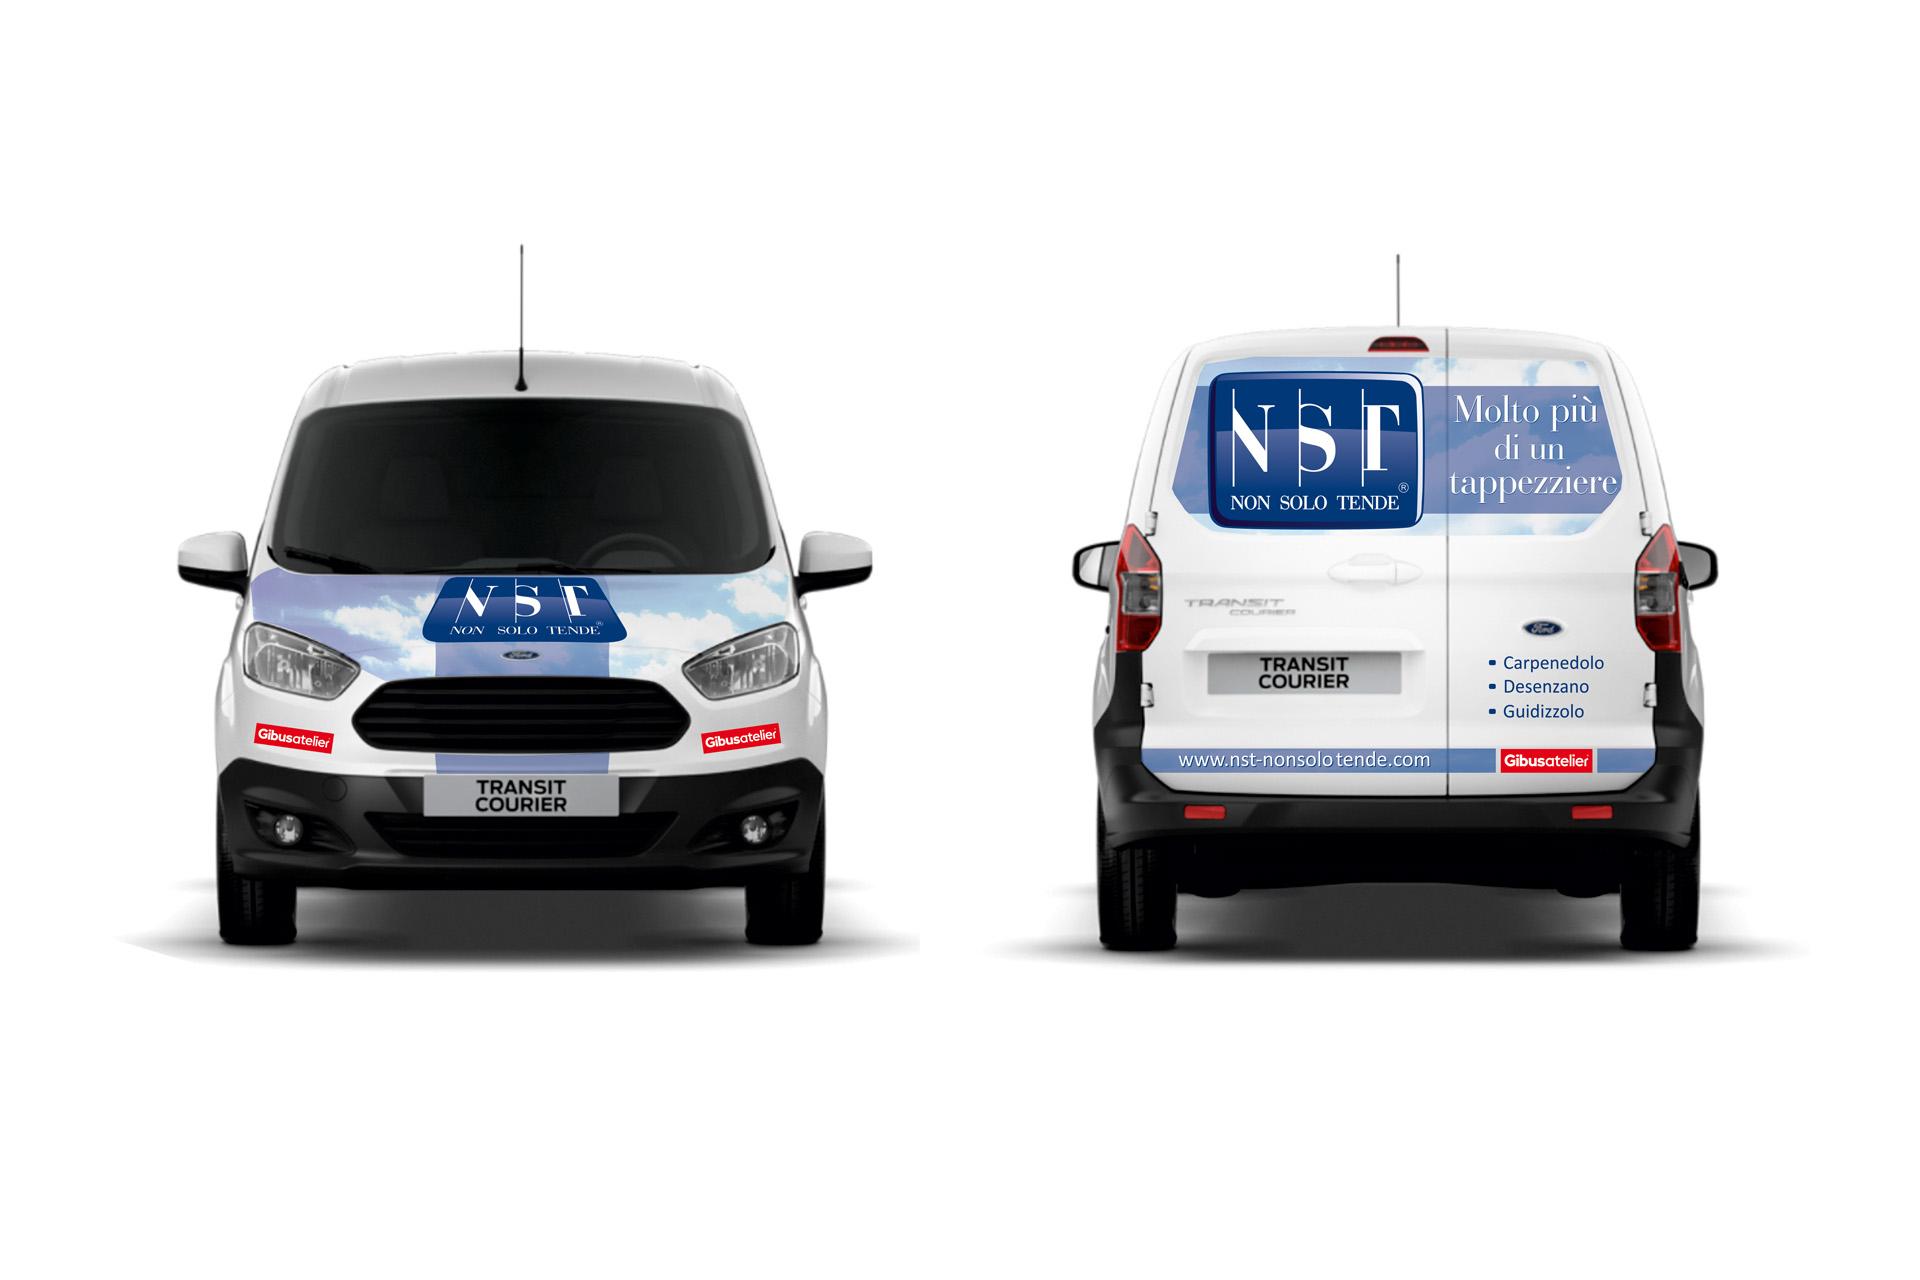 Casarotto Design grafica adesivi decalcomanie automezzi aziendali castiglione delle stiviere mantova brescia furgone nst 04